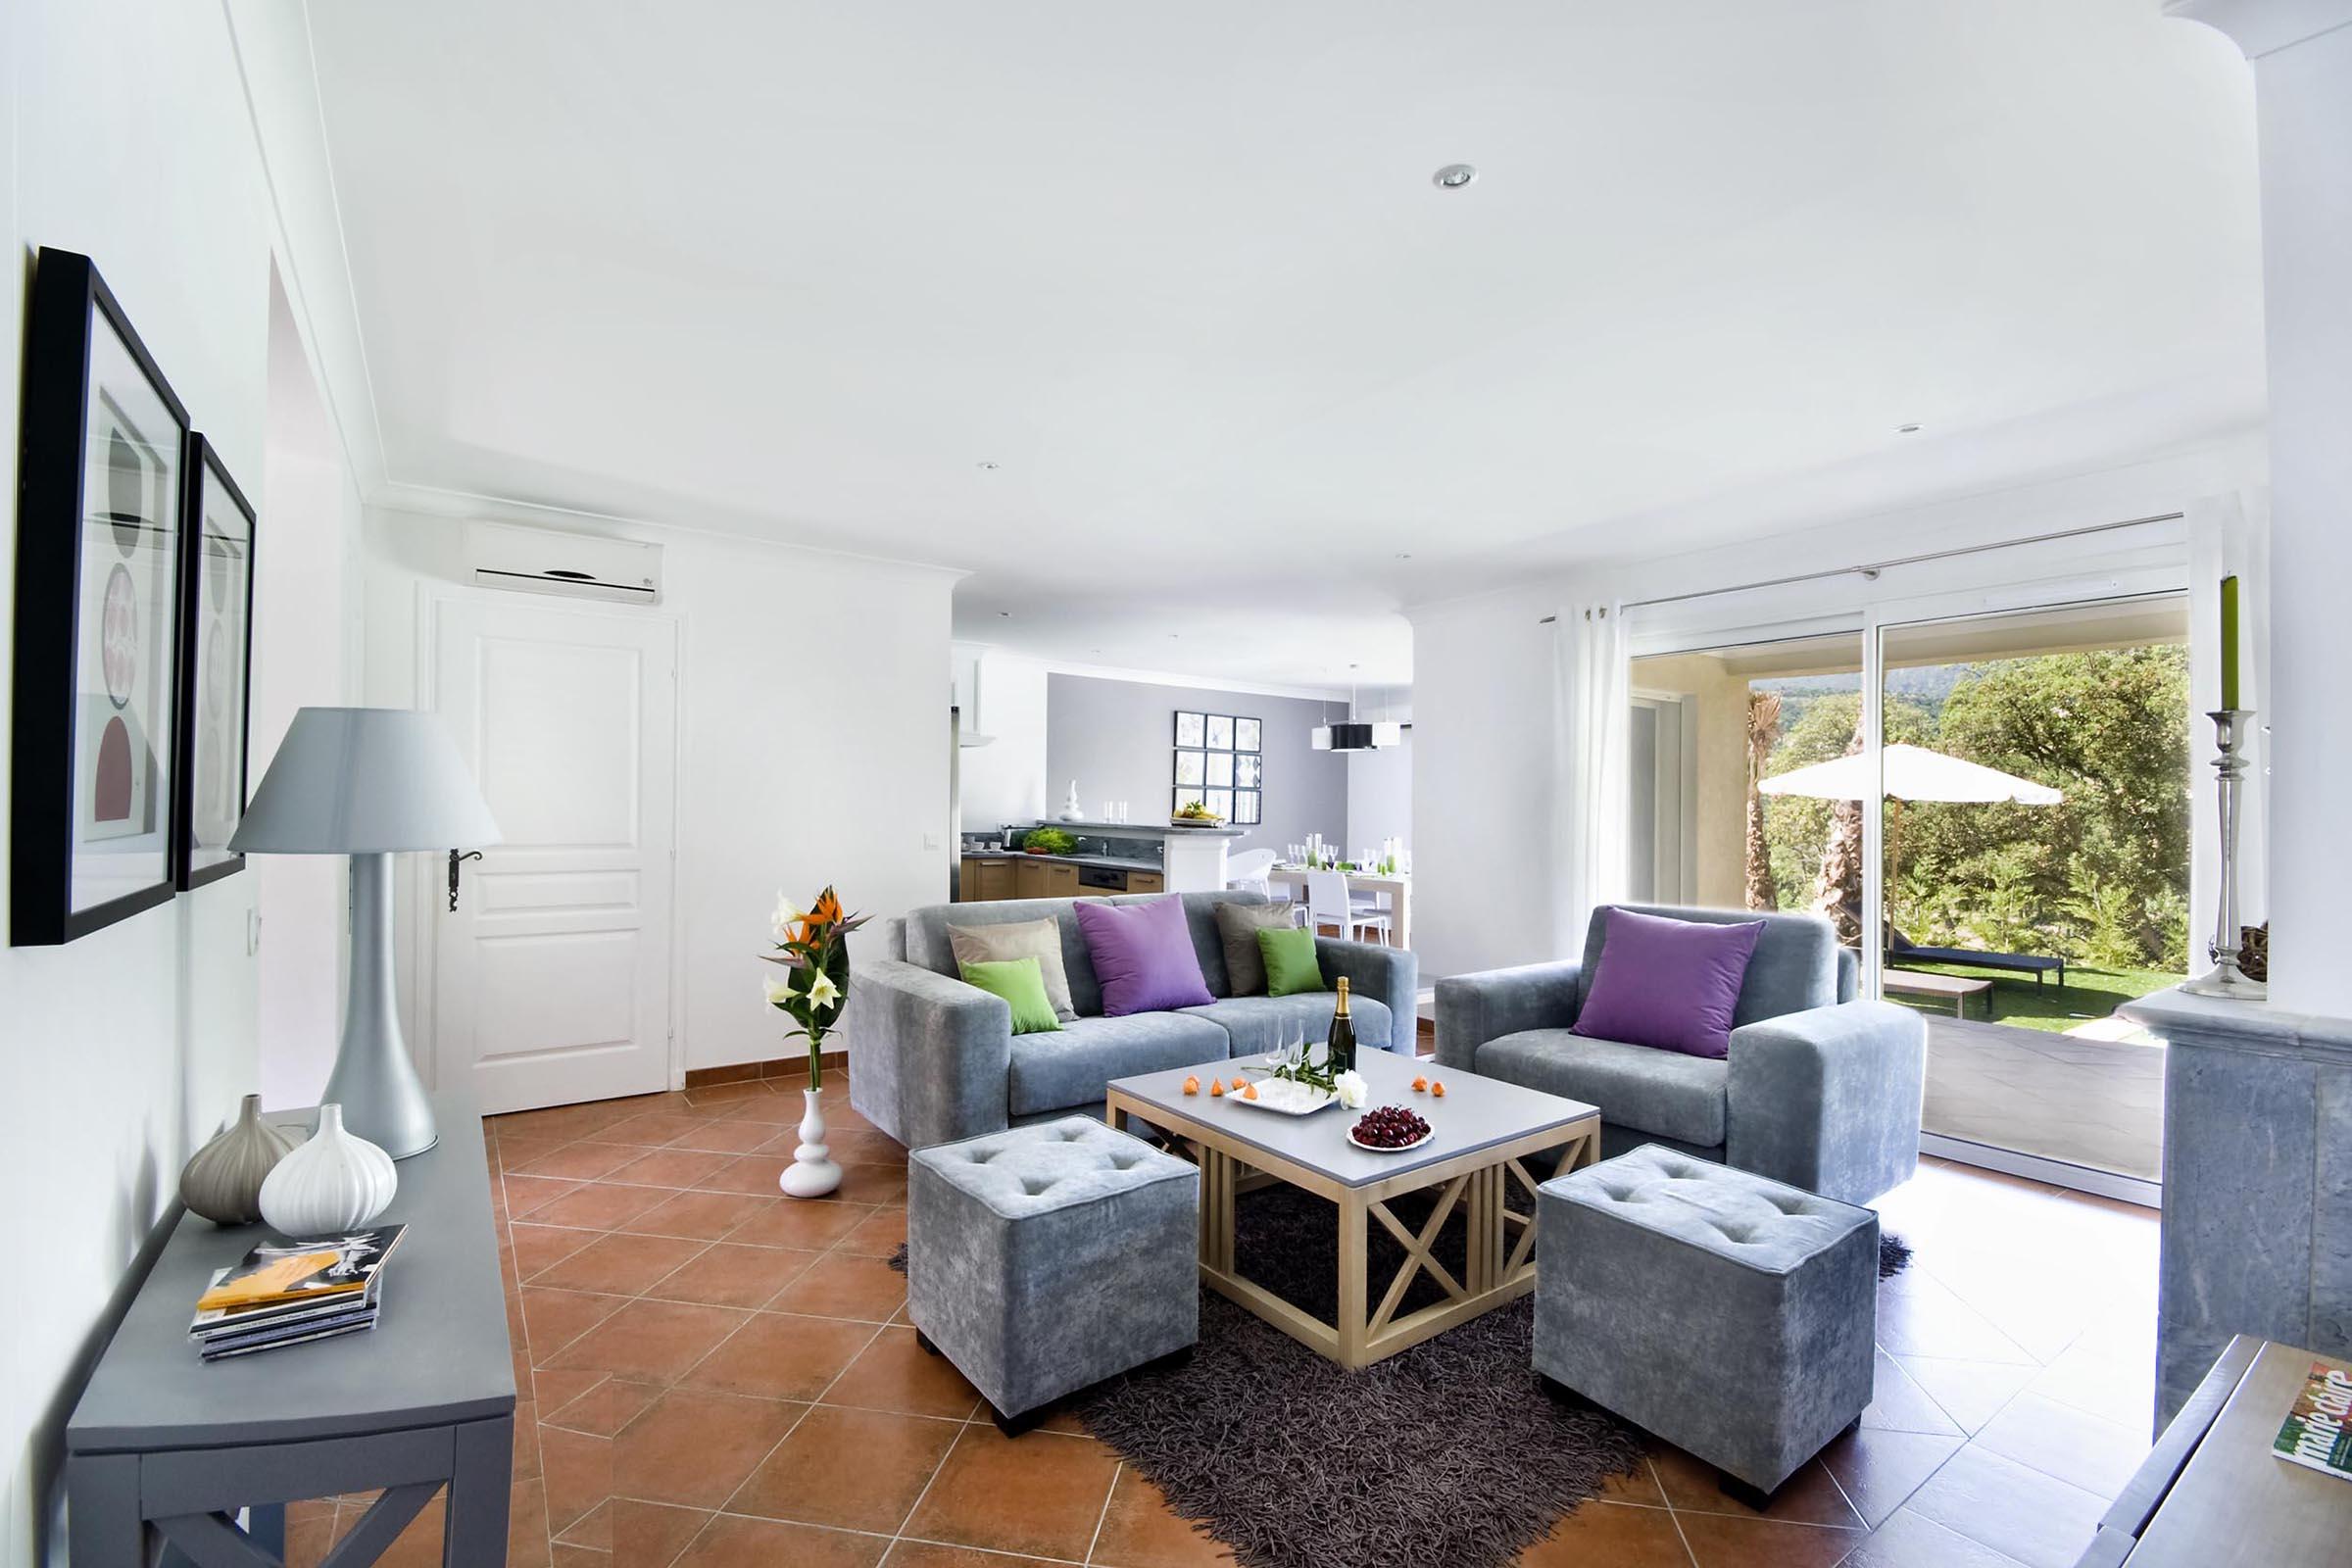 D coration d 39 int rieur et am nagement villa de luxe - Decoration de l interieur ...